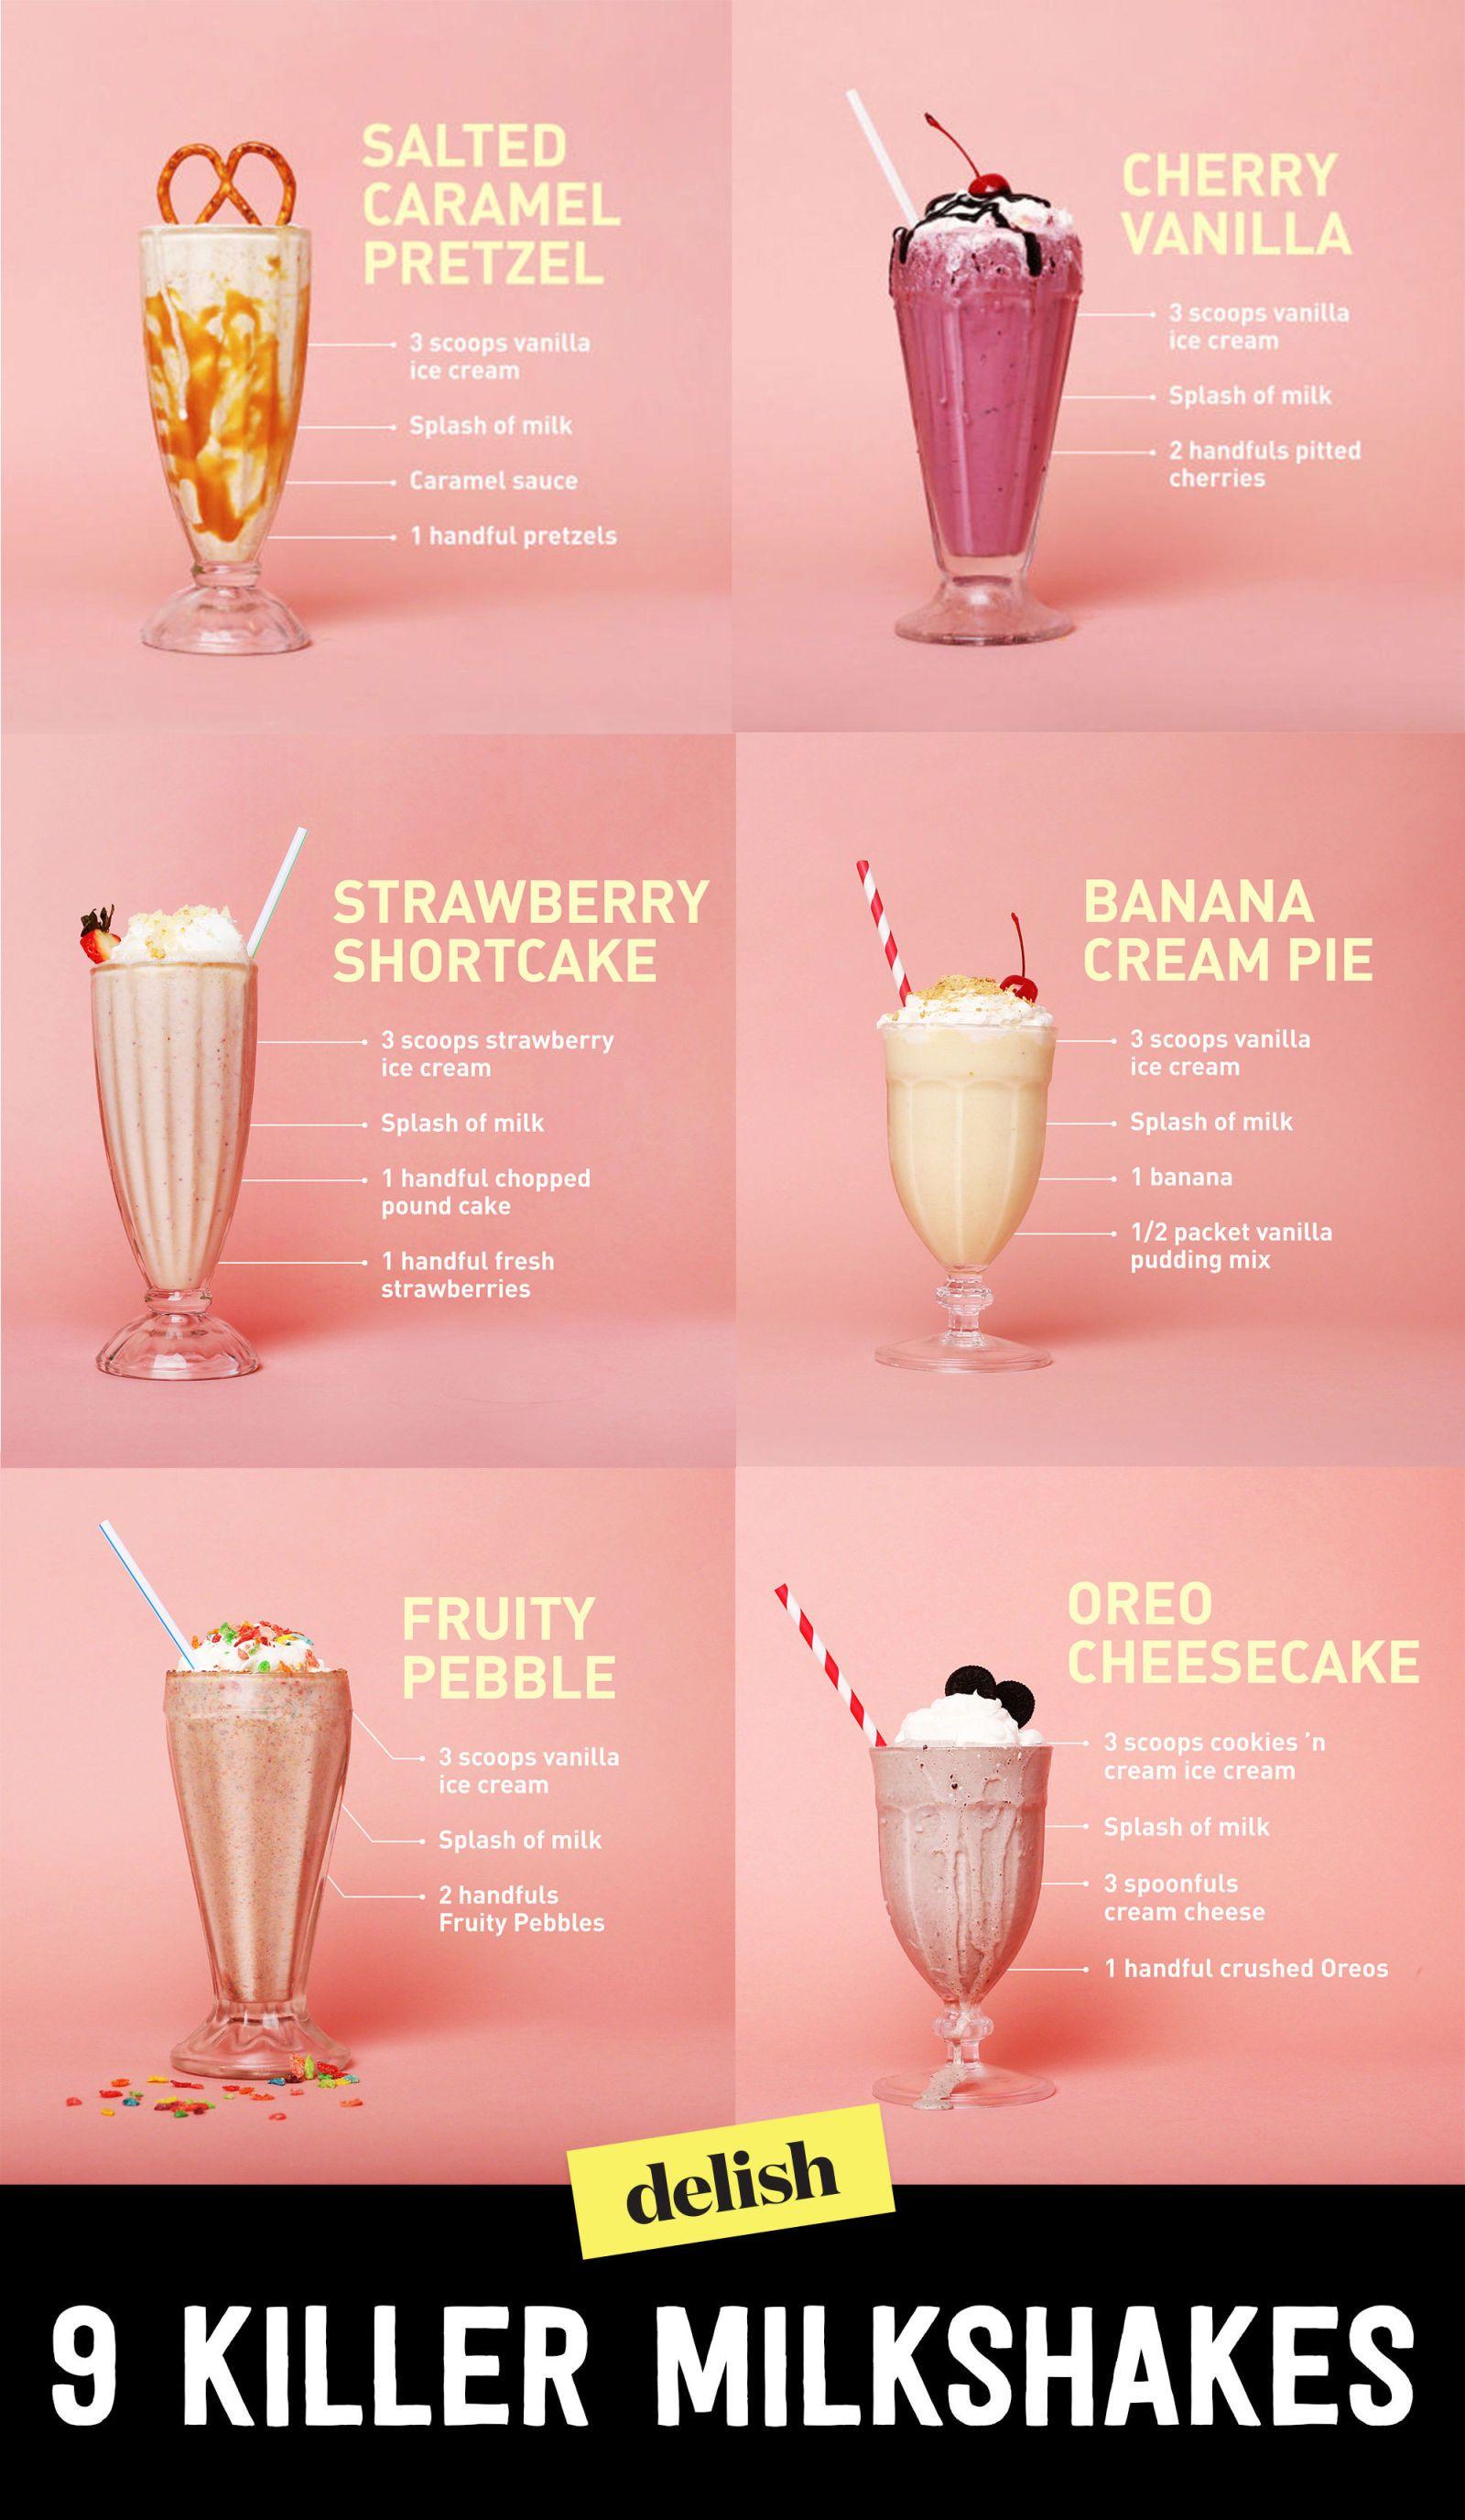 9 Killer Milkshakes That Will Rock Your World